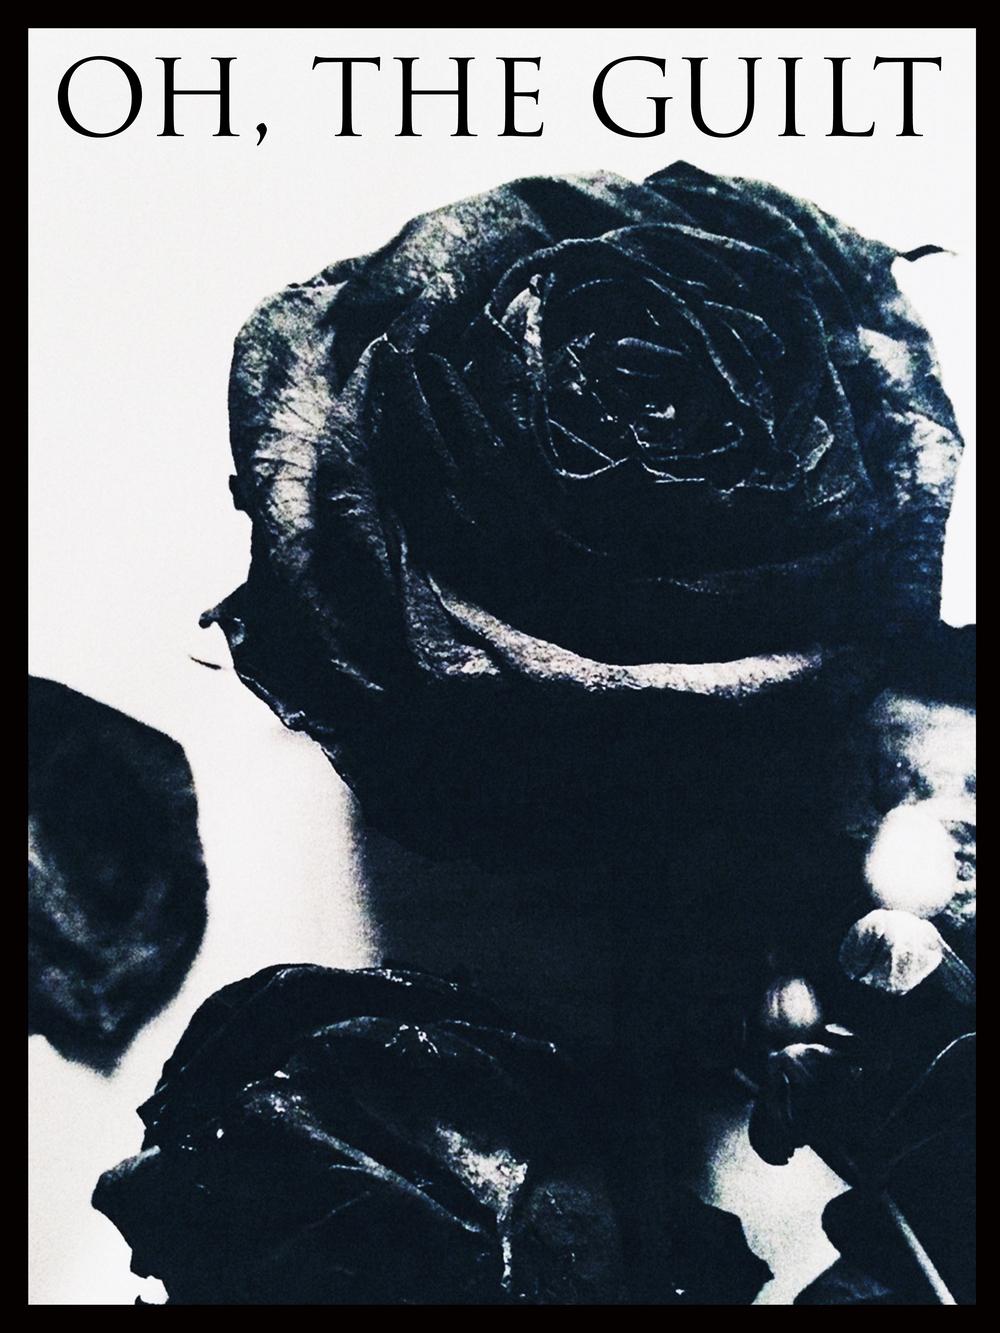 OTG rose poster.jpg